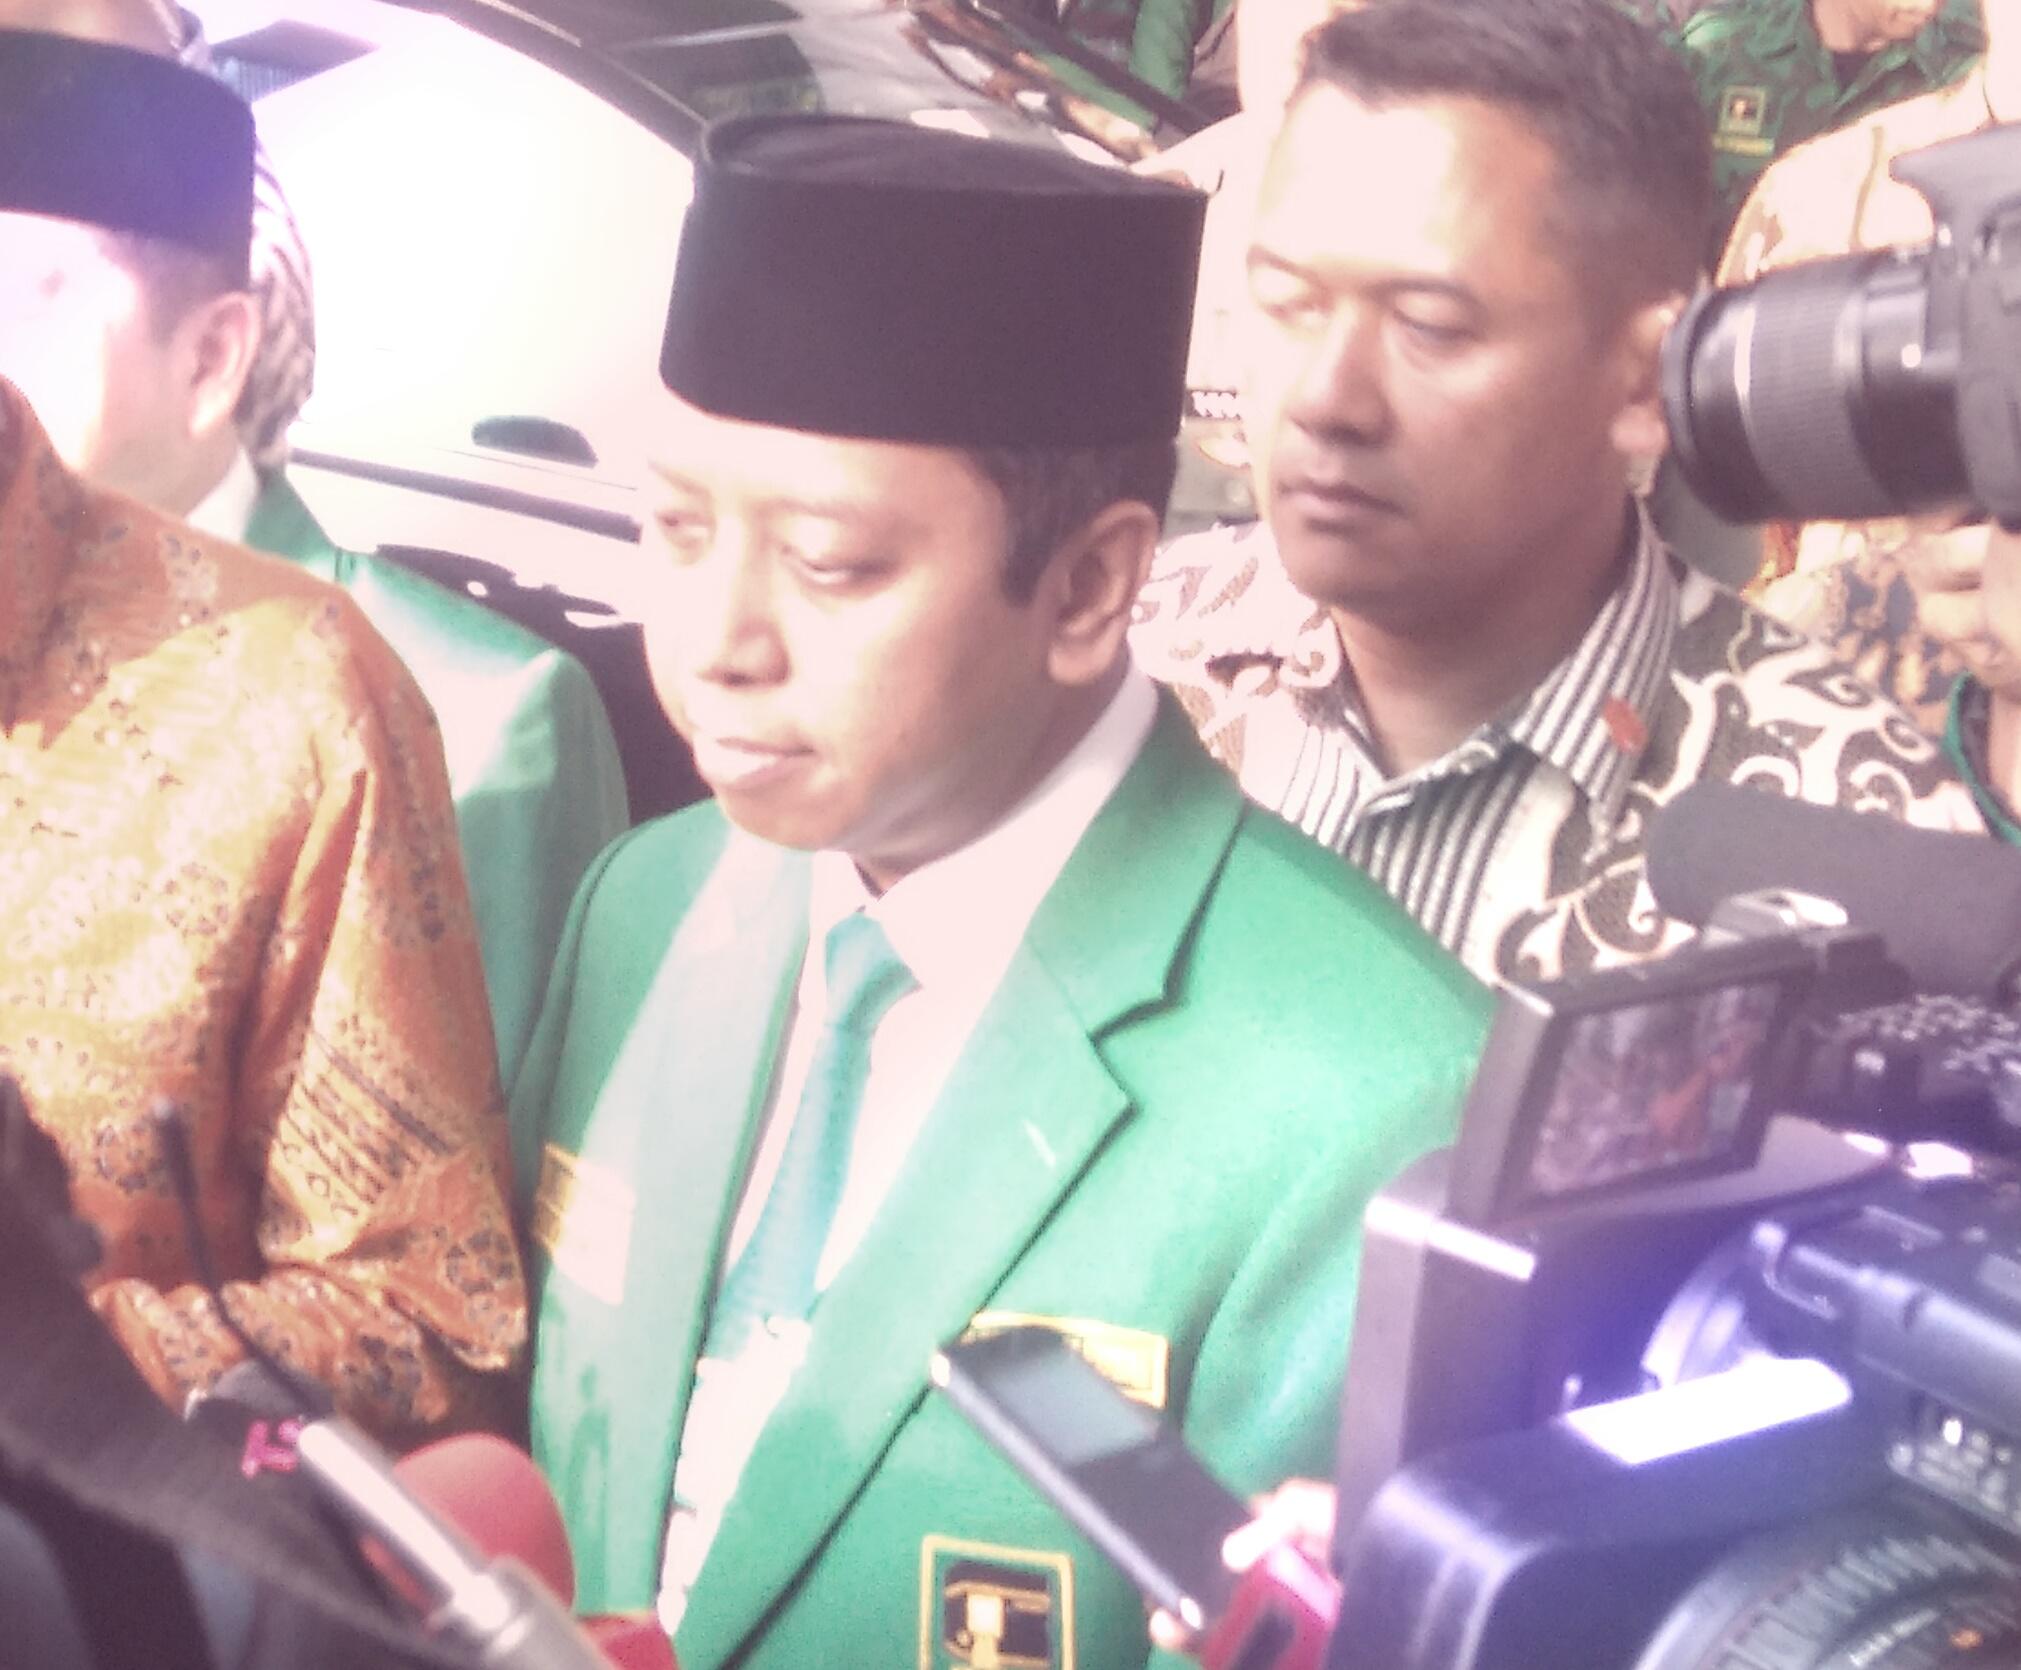 Ketua Ppp Pinterest: Romahurmuzy Terpilih Sebagai Ketua Umum PPP Periode 2016